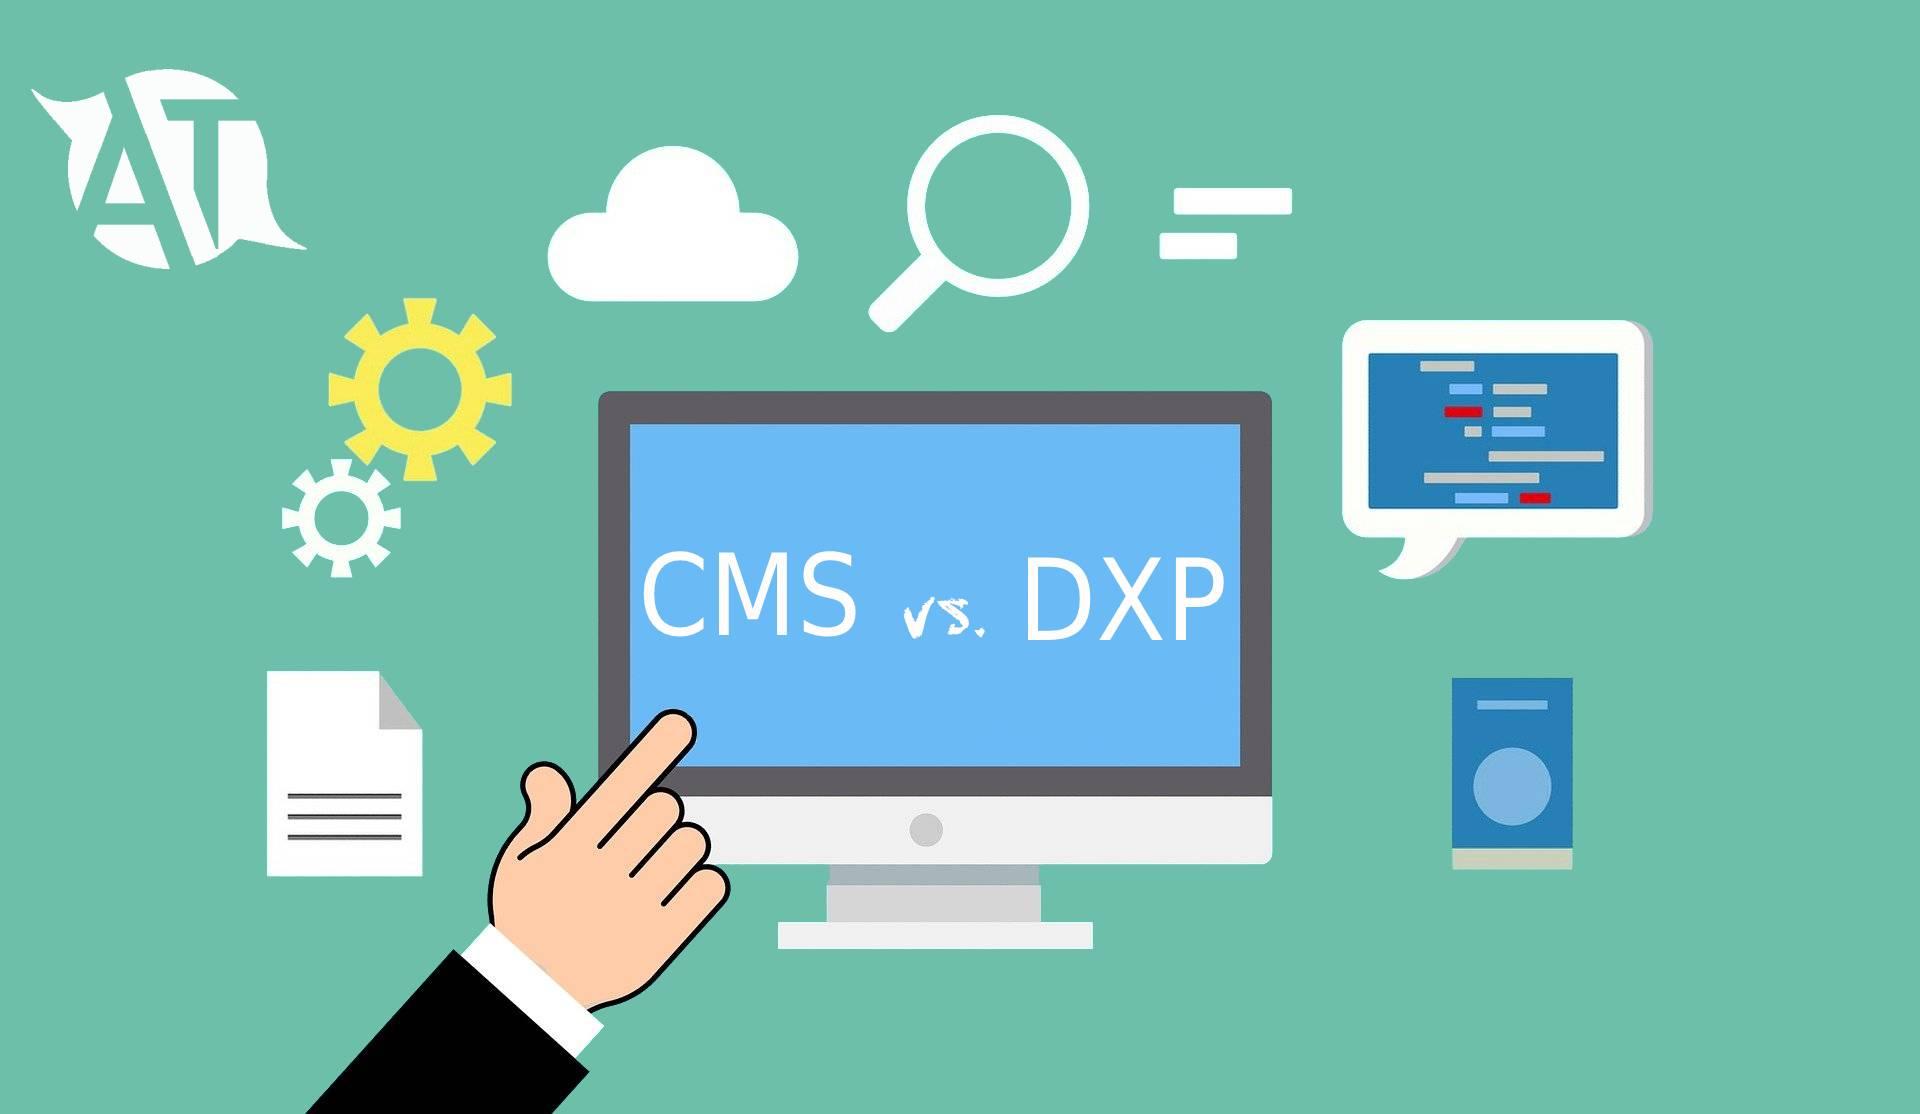 Diferencias entre CMS y DXP